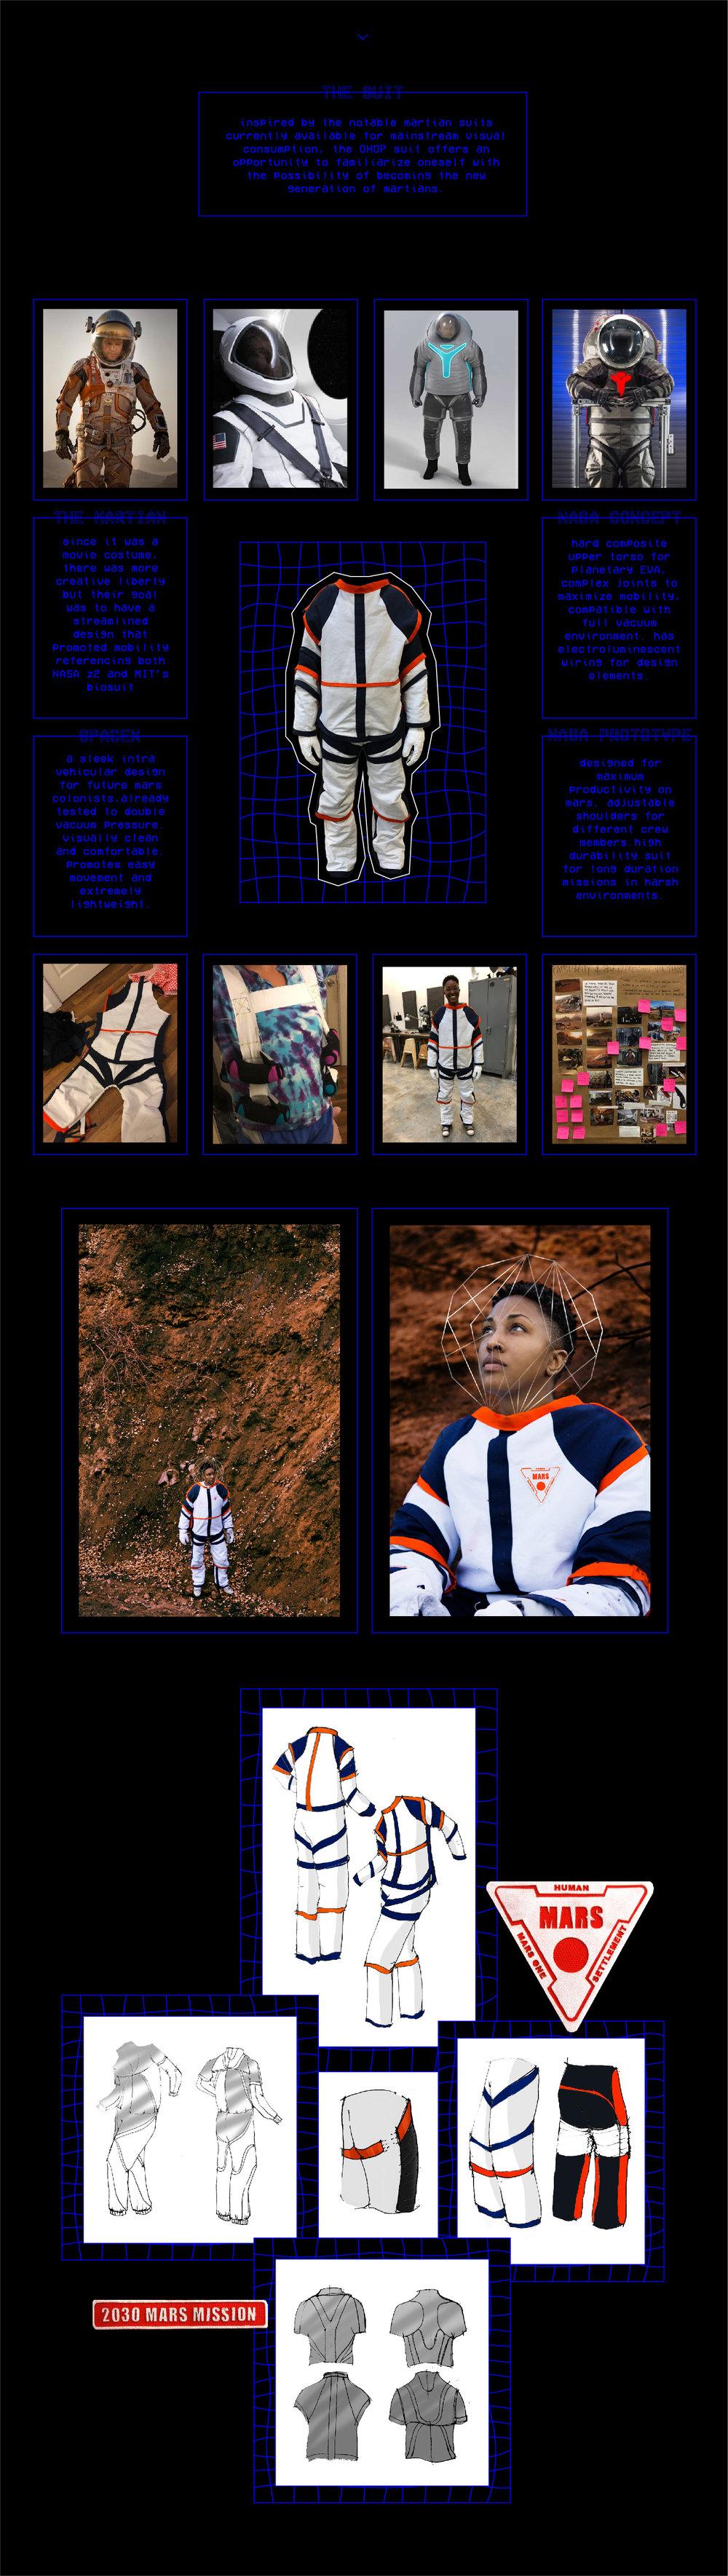 mars_sponsor-04.jpg